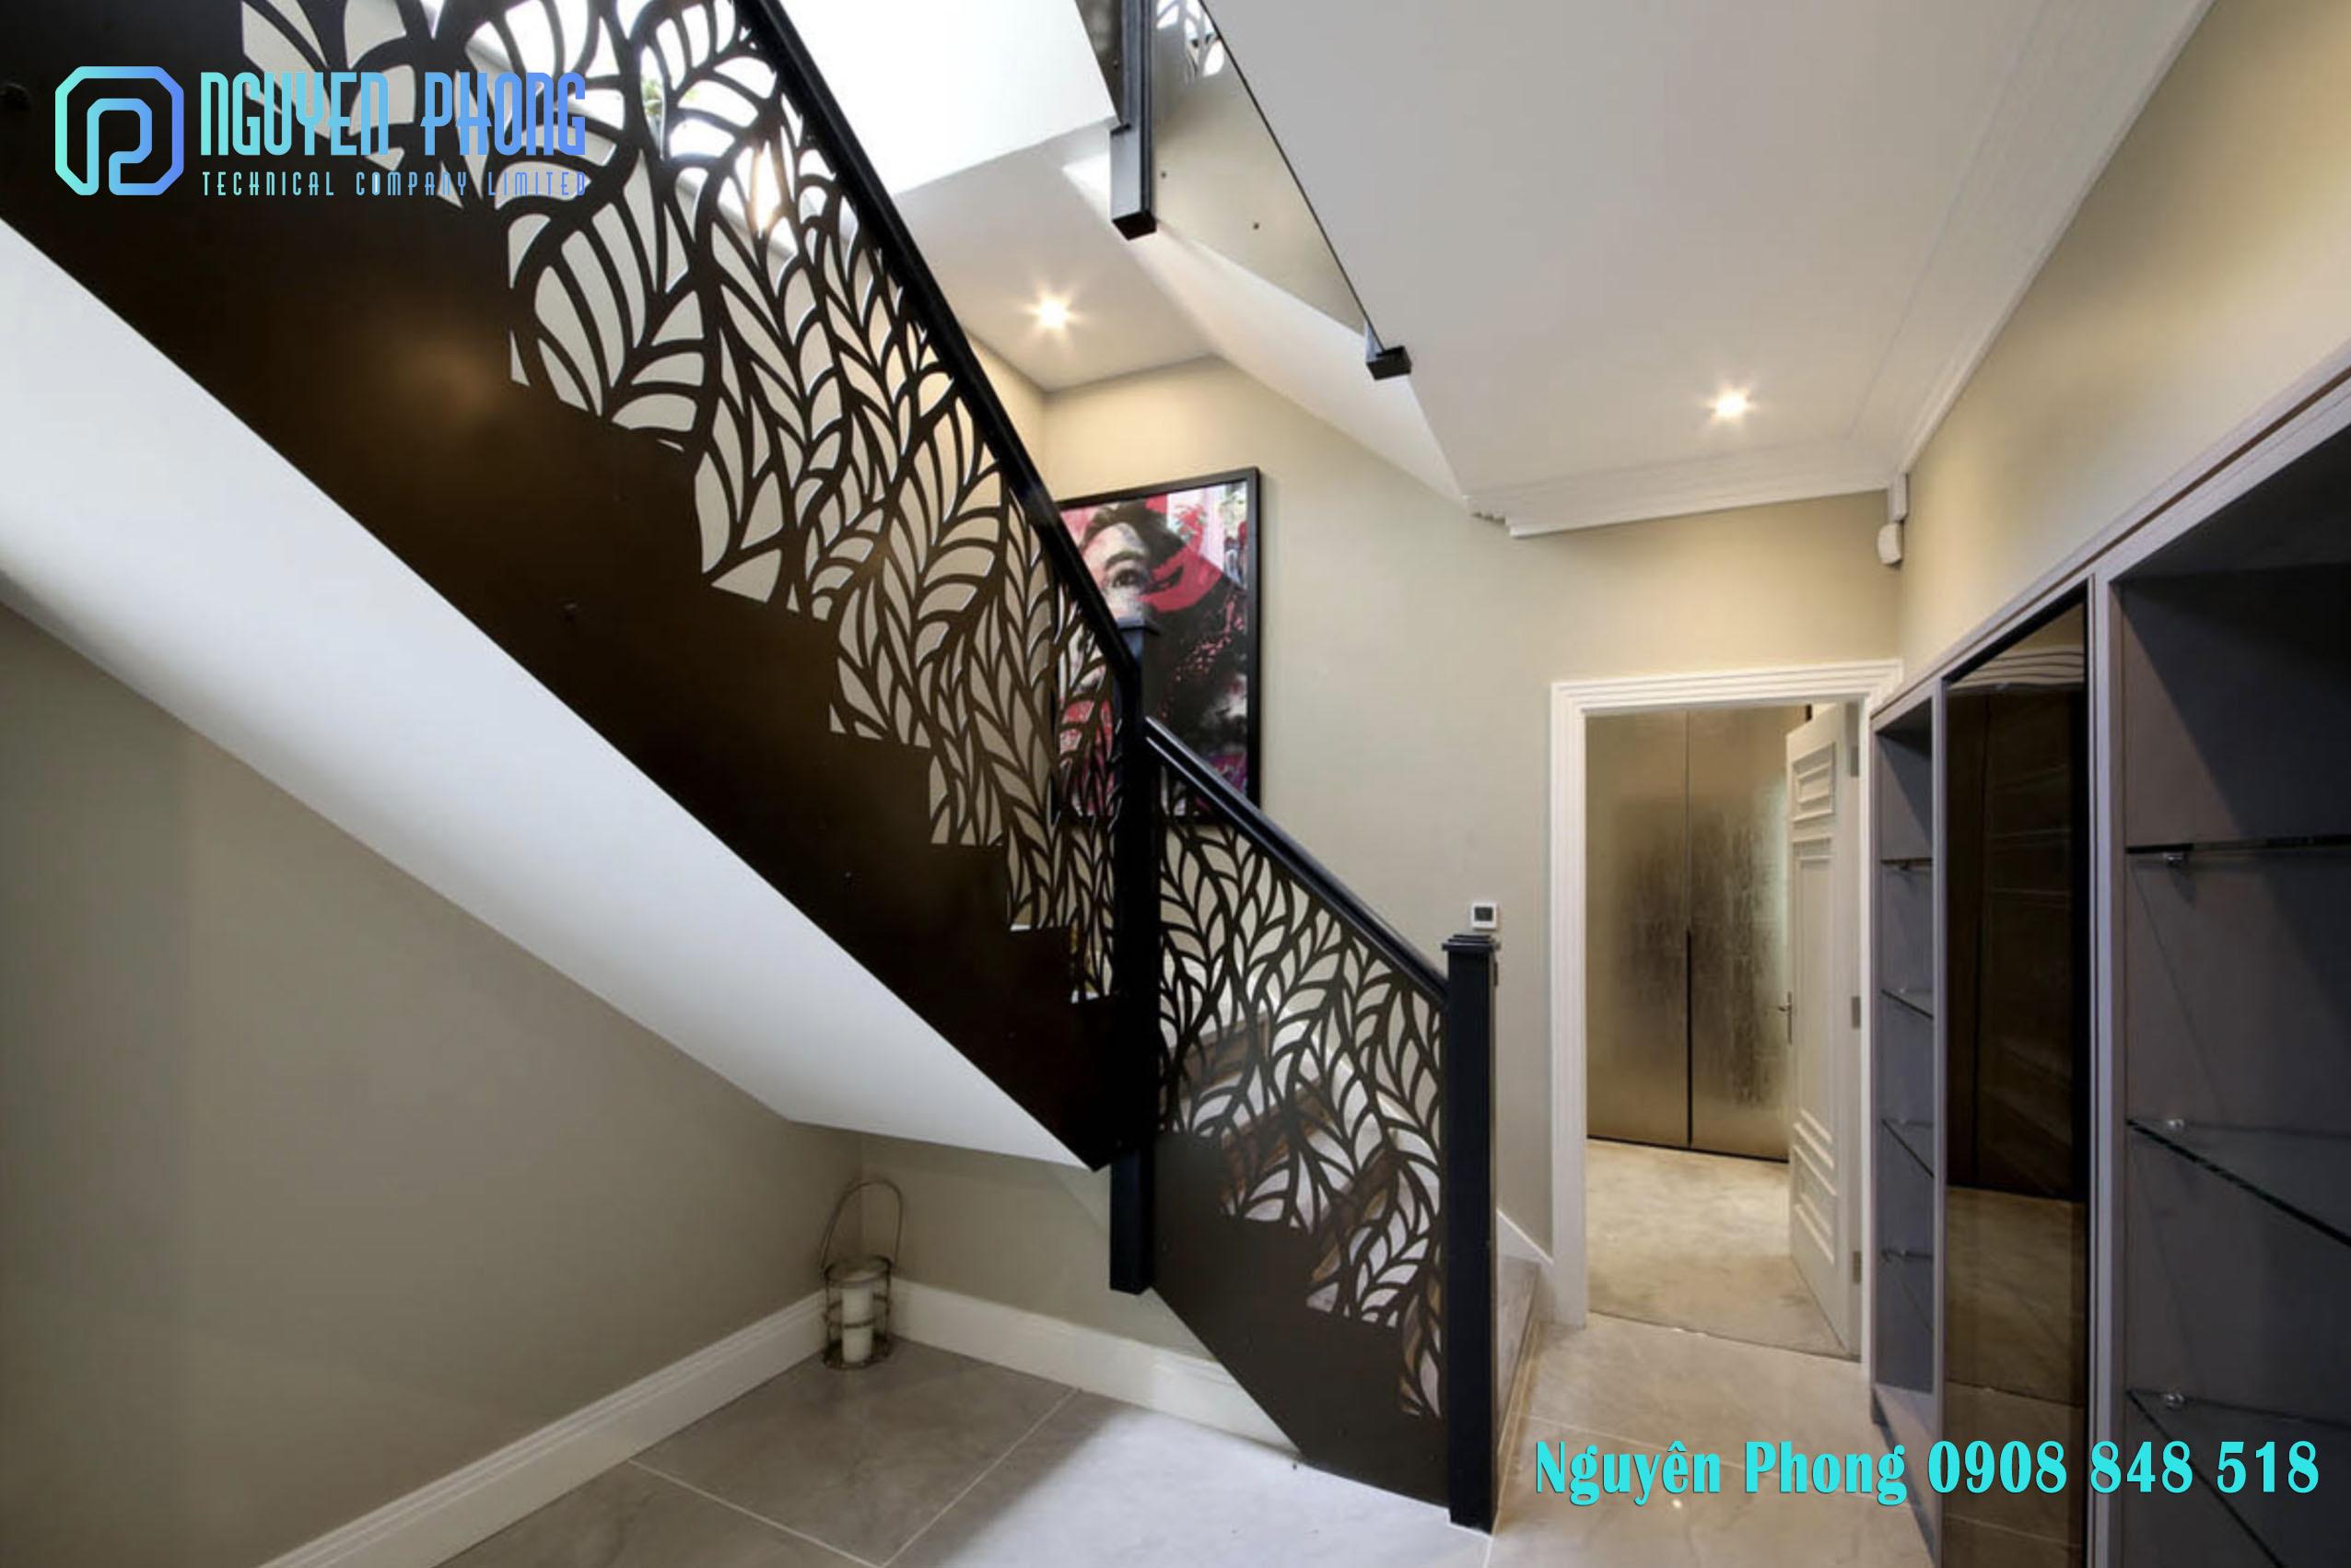 Thiết kế, thi công hoàn thiện cầu thang sắt cắt CNC hoa văn theo yêu cầu HCM, Bình Dương, Bình Phước